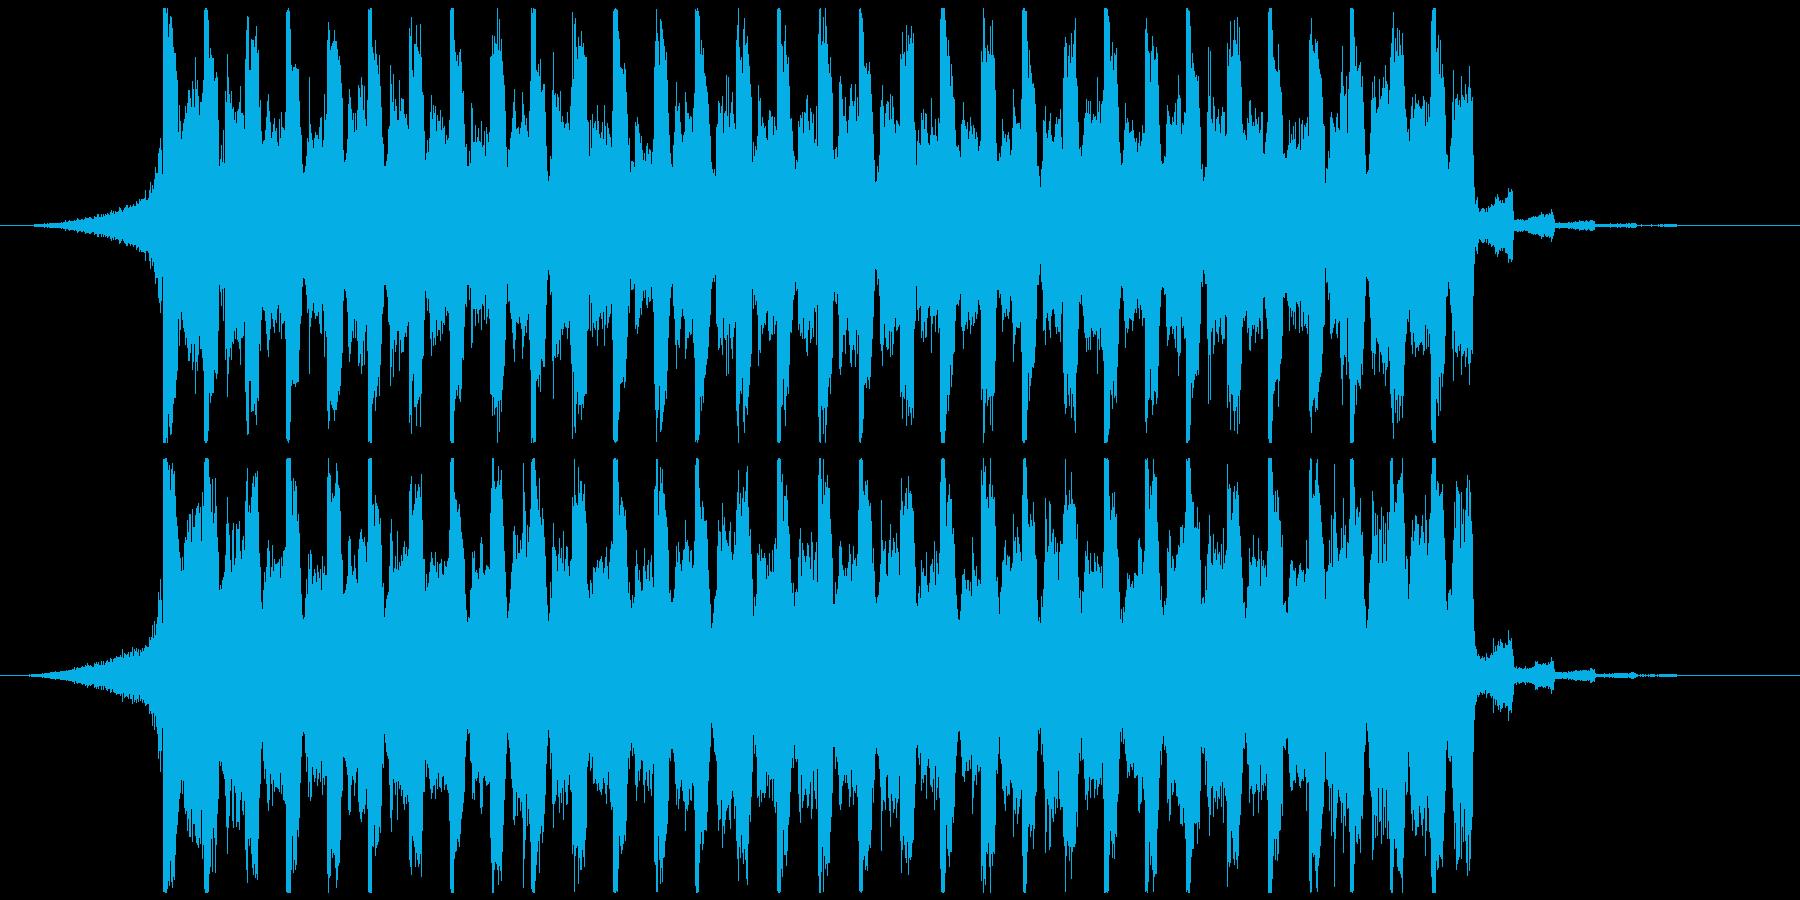 夏らしい洋楽ギターダンスポップShortの再生済みの波形